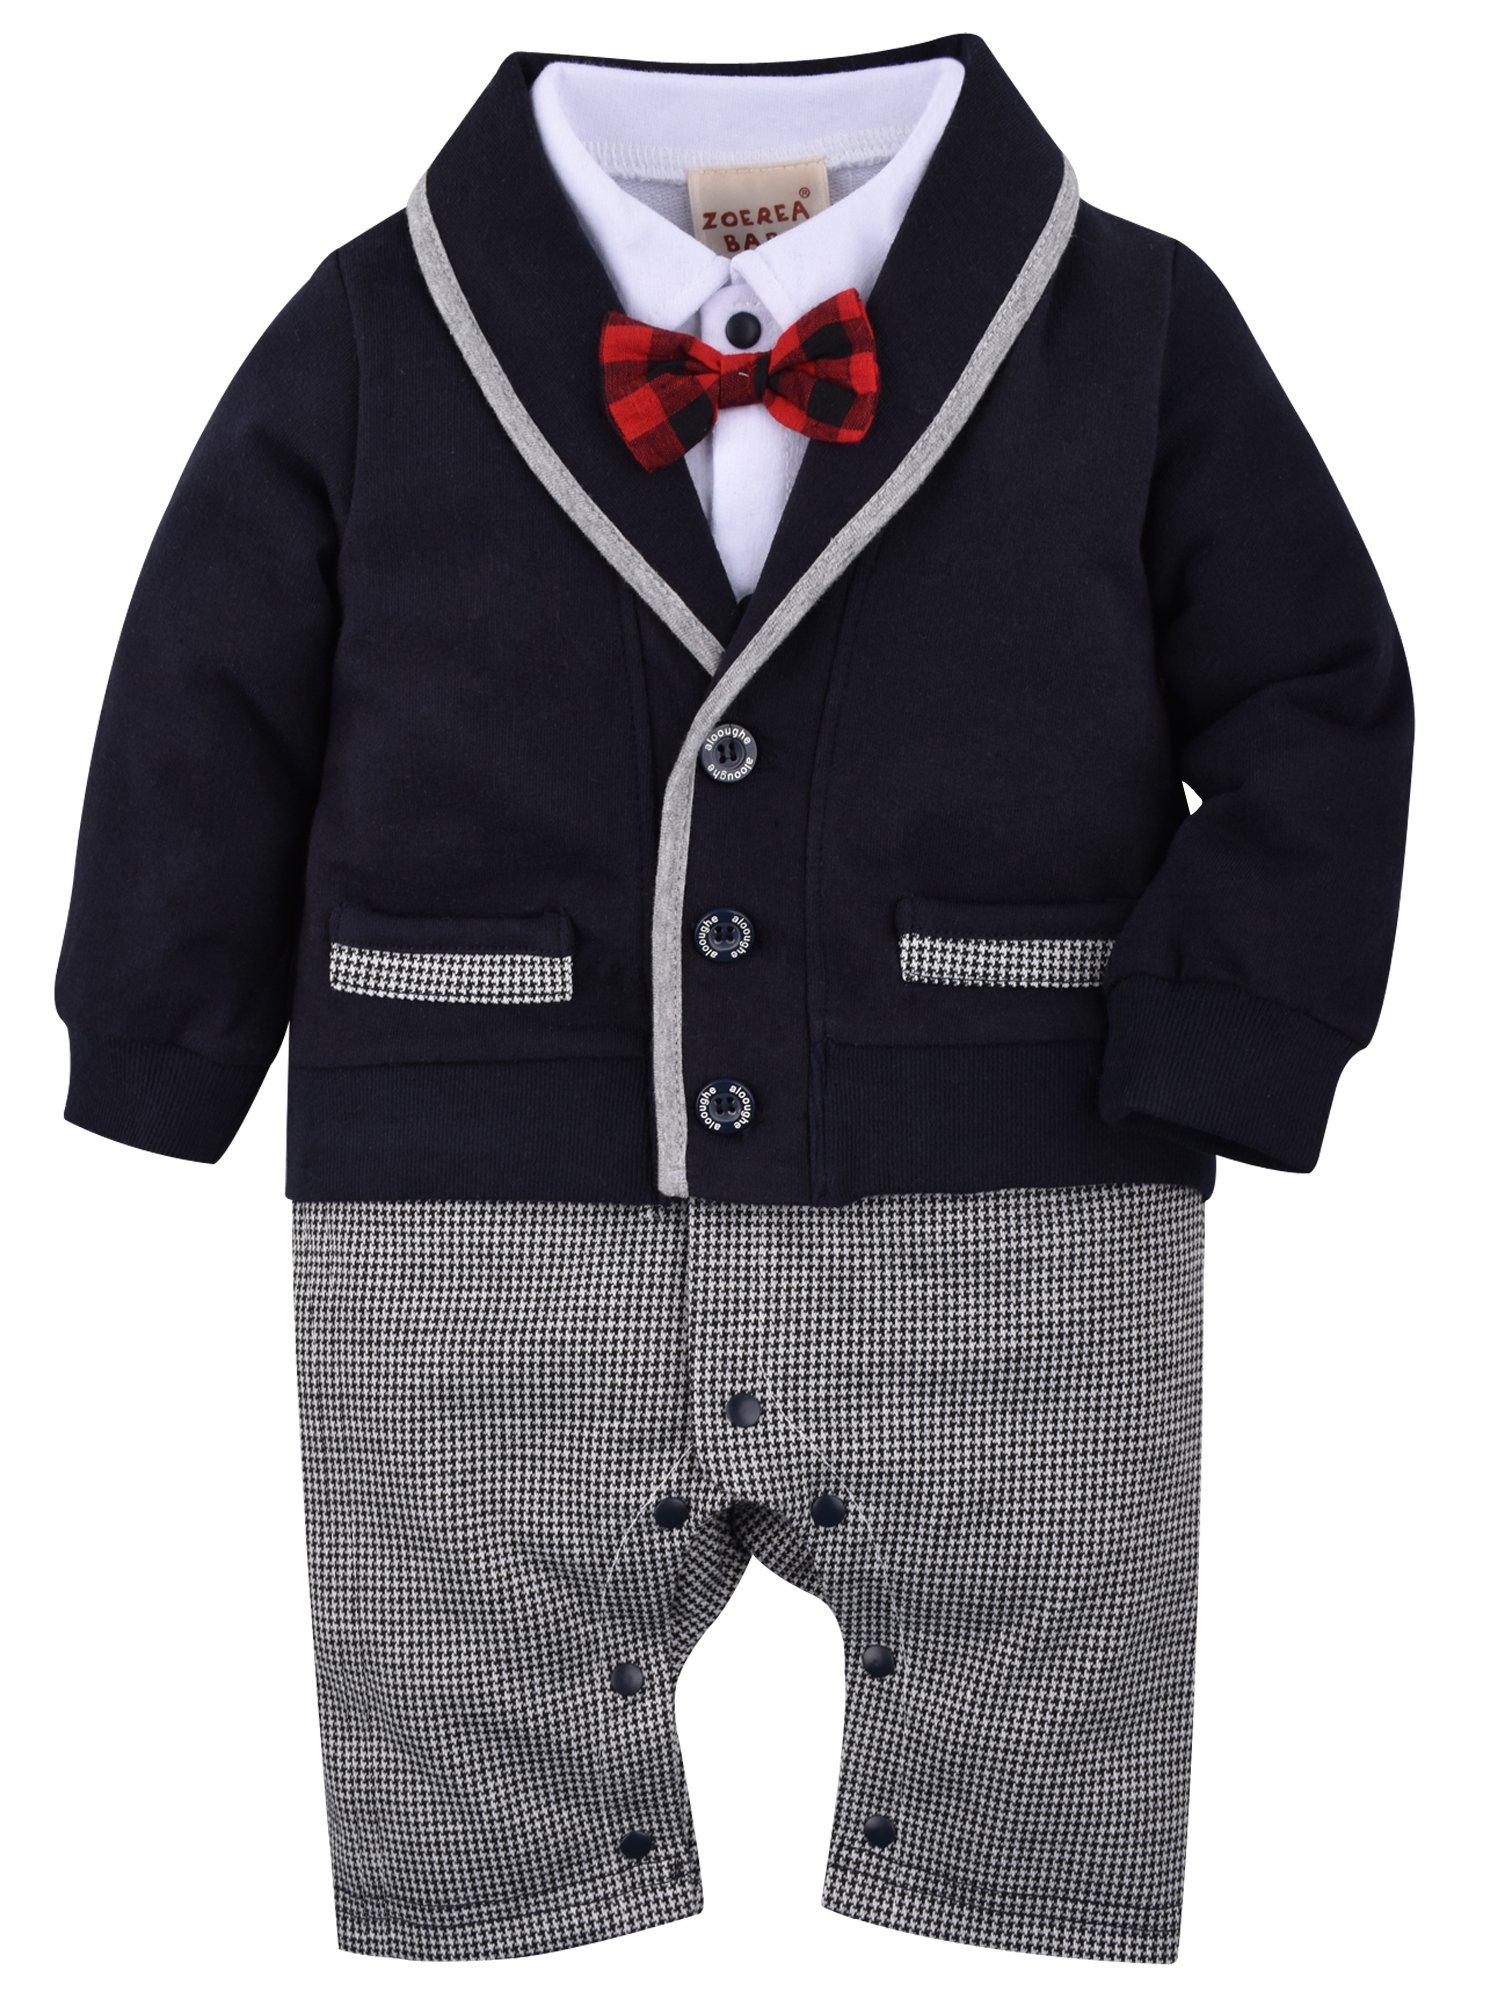 ZOEREA Baby Boys Romper Suits Bow Tie Baptism Wedding Tuxedo Jumpsuit Cotton, 90CM/12-18 Months, Black